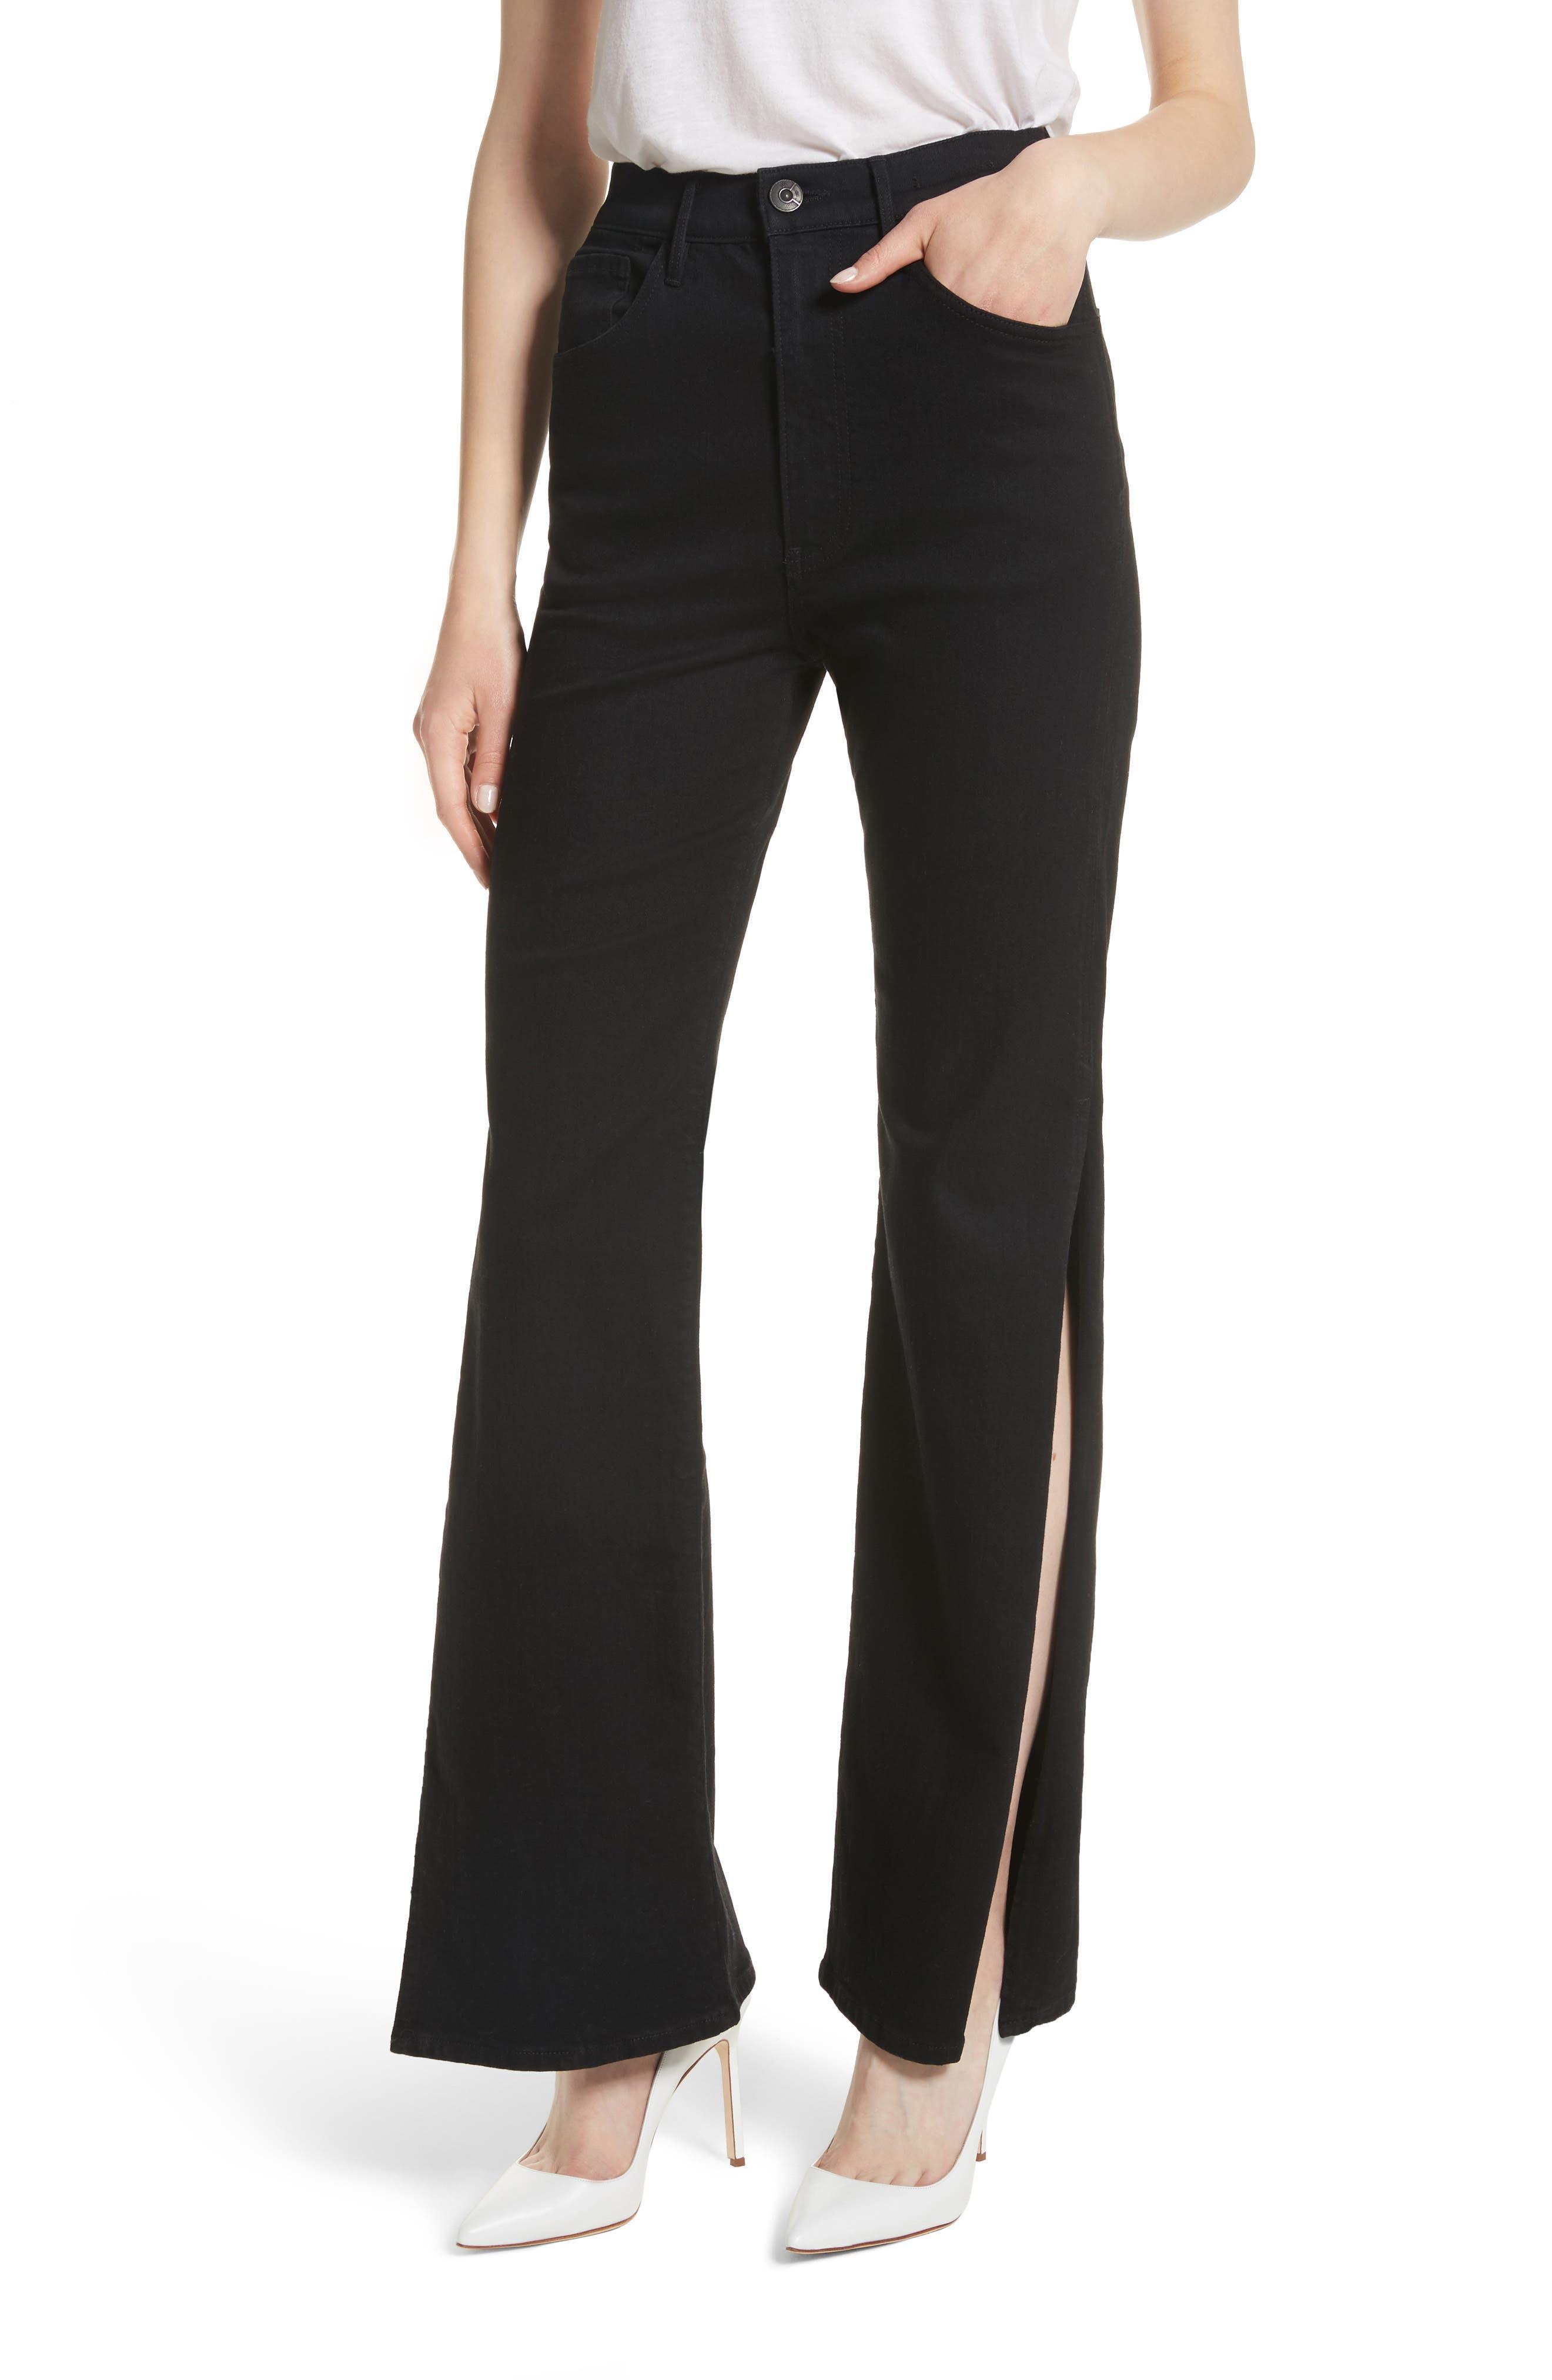 3x1 NYC W4 Adeline High Waist Split Flare Jeans (Black No. 1)